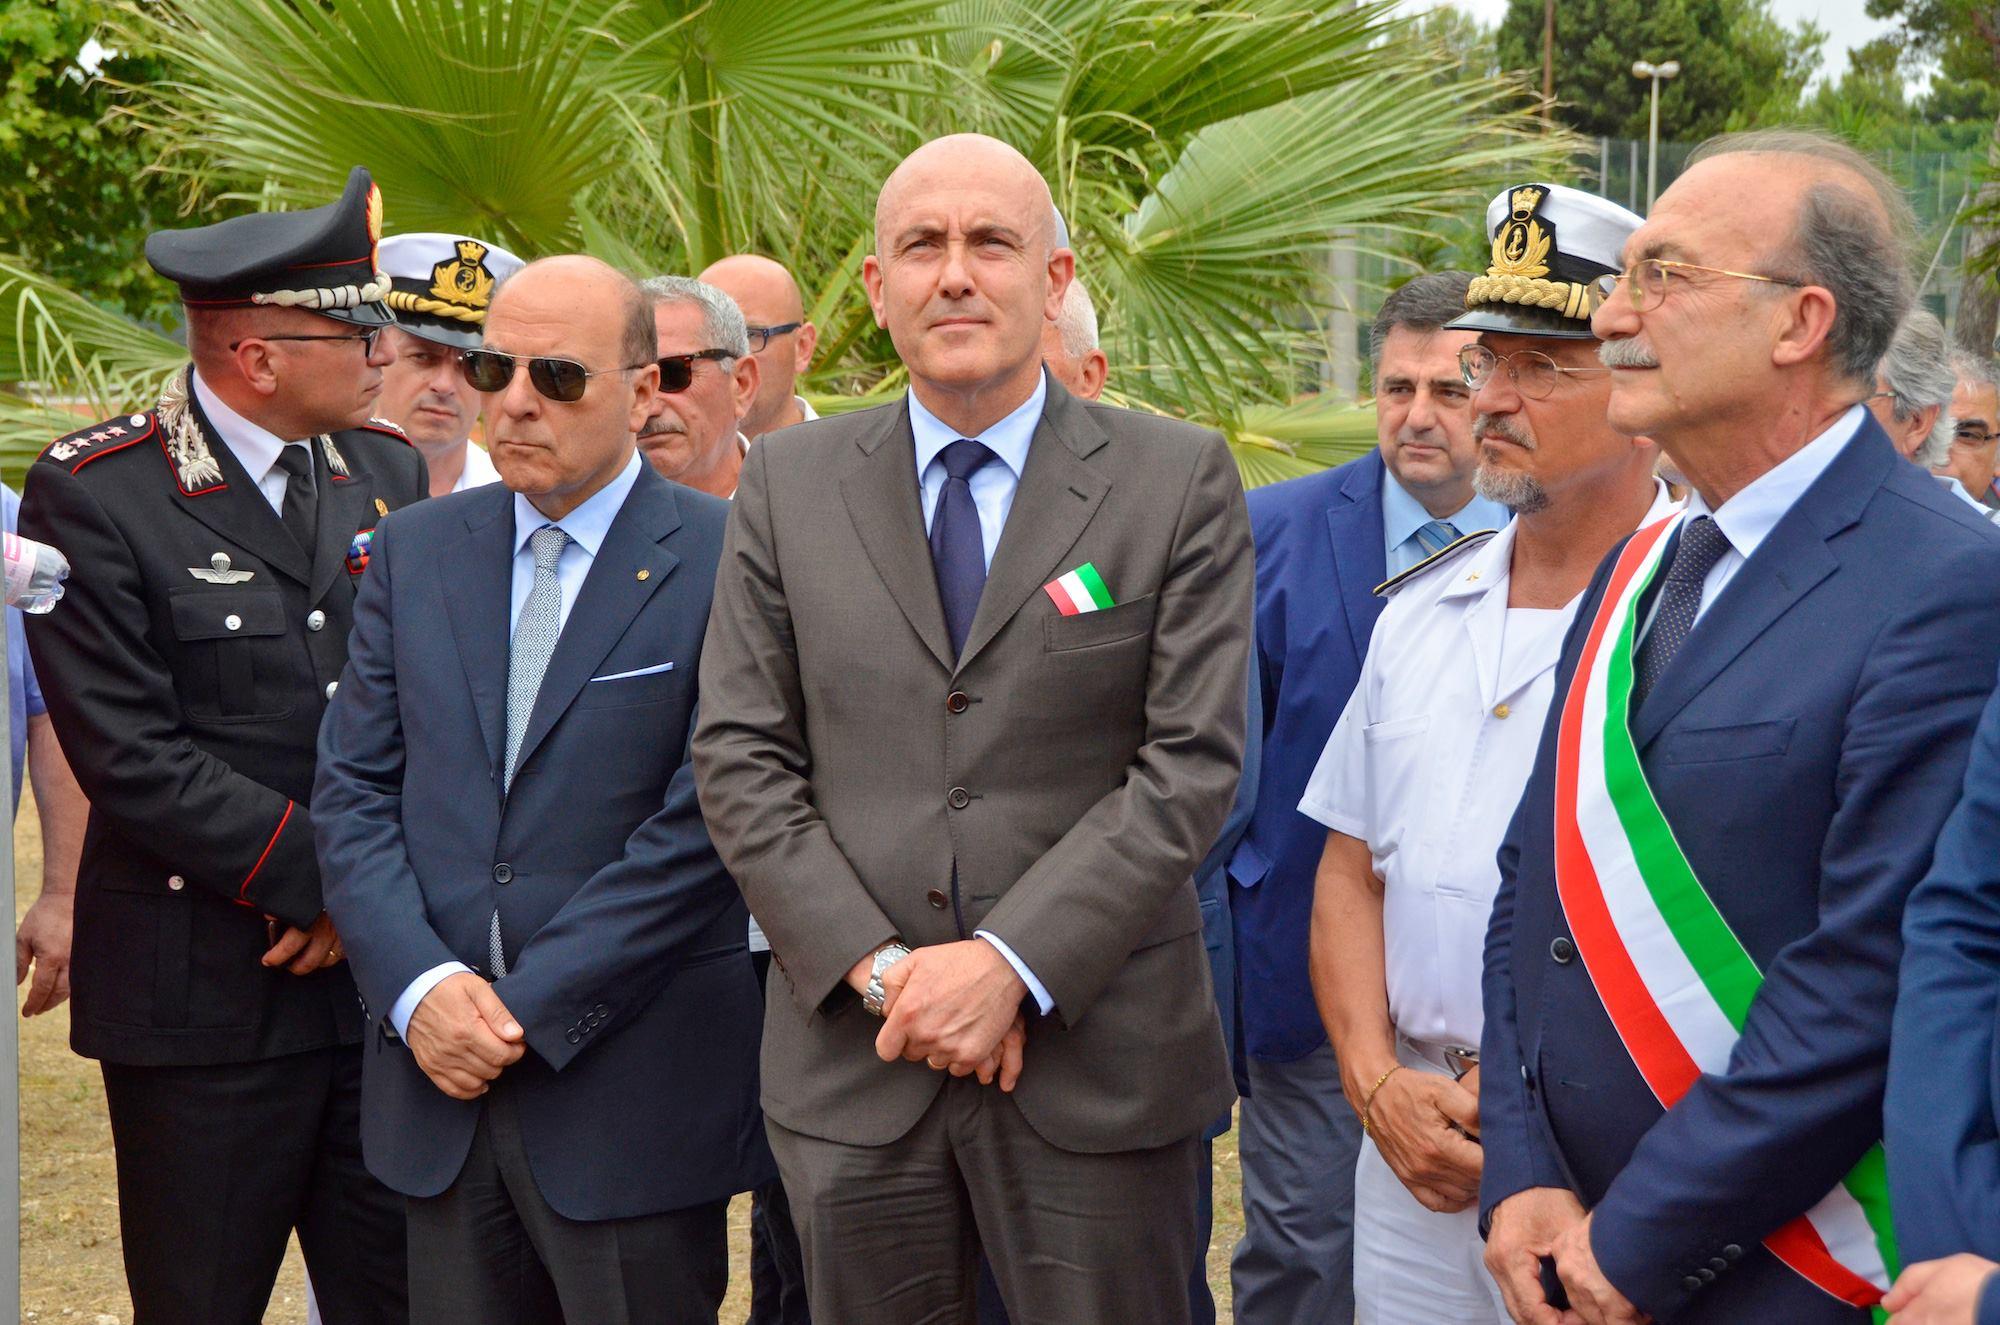 Inaugurazione centro sportivo marina militare taranto